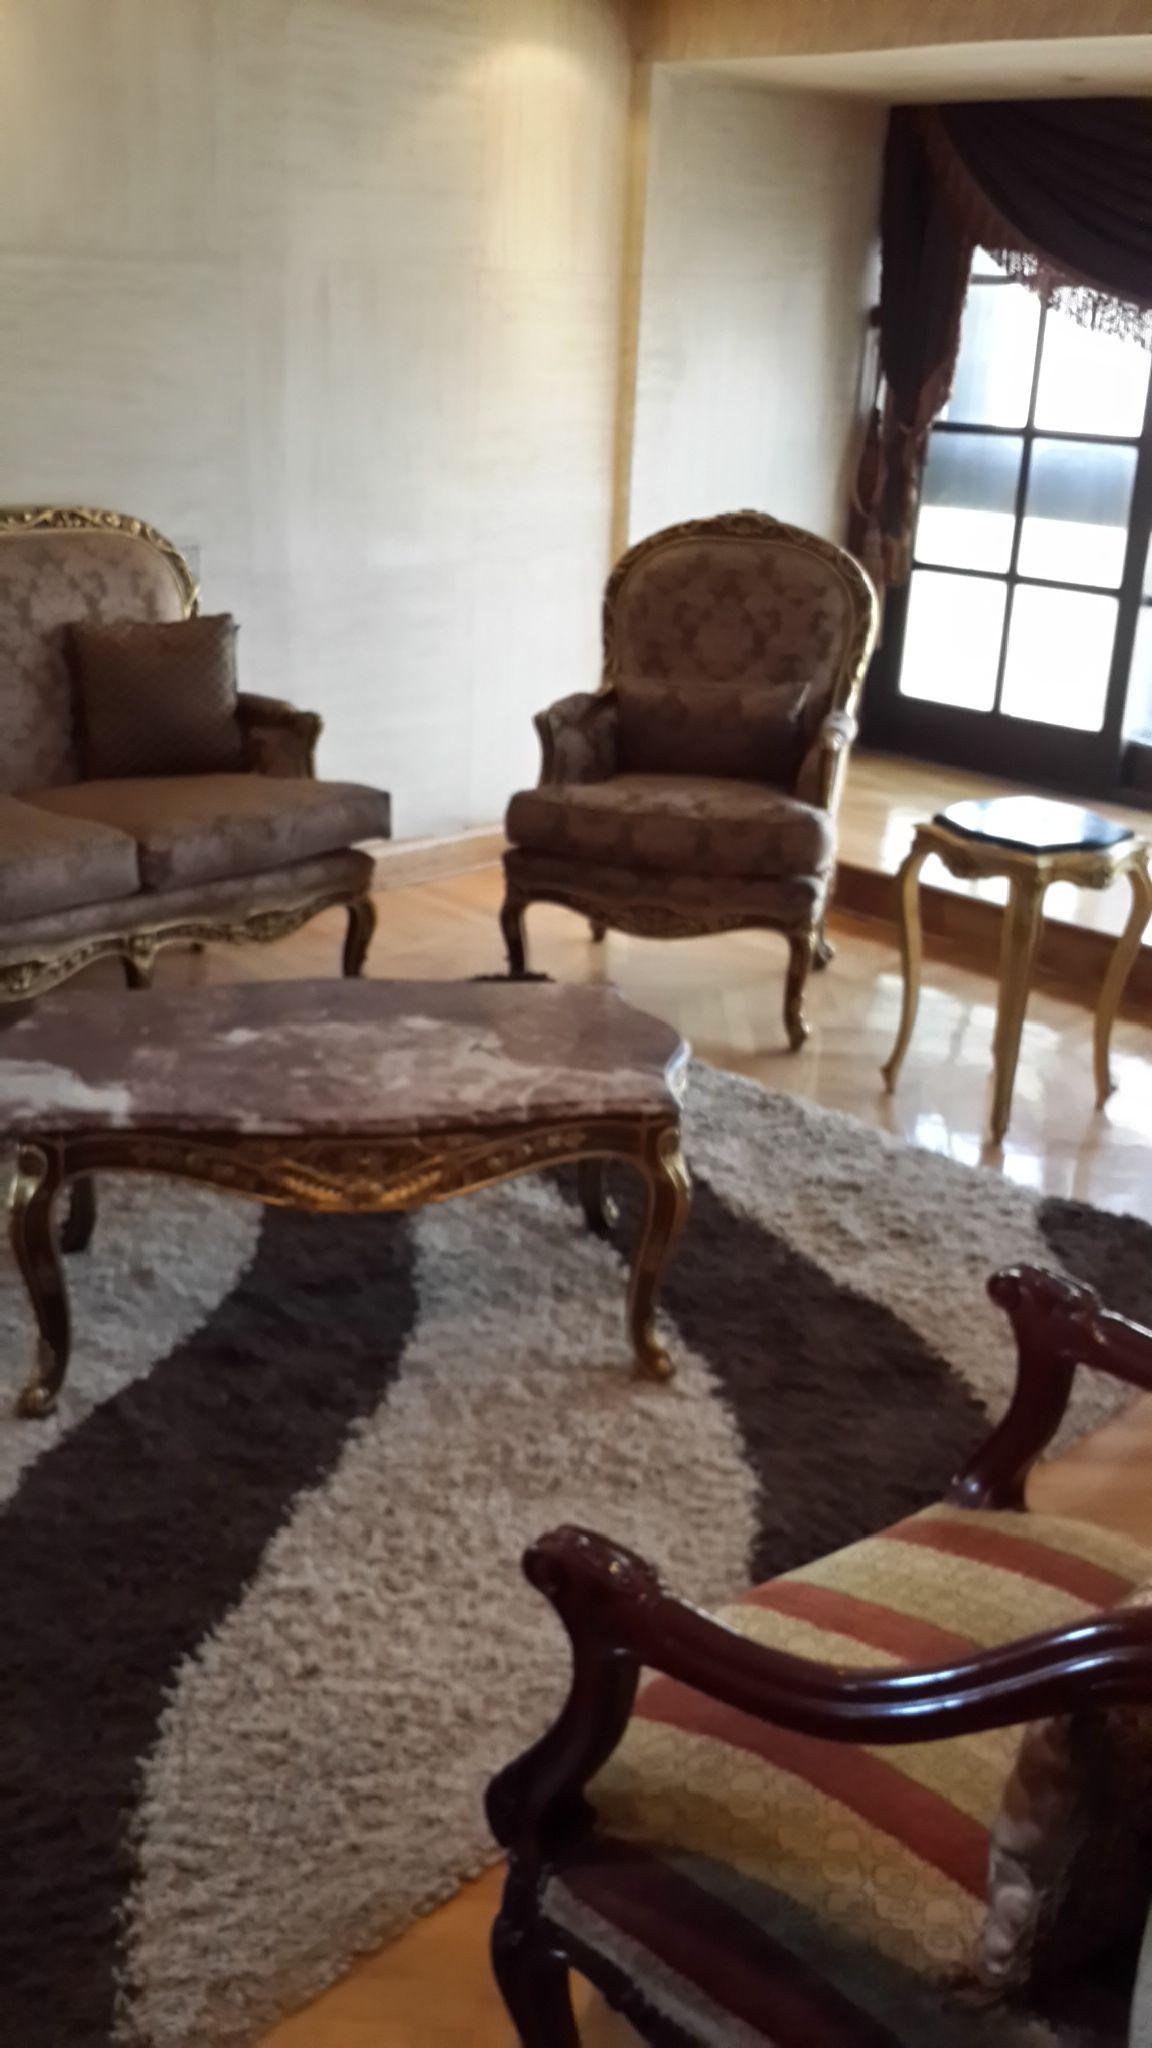 شقق للايجار المفروش في المهندسين 2016 في المهندسين 2016 186179 فرصة Home Decor Furniture Decor